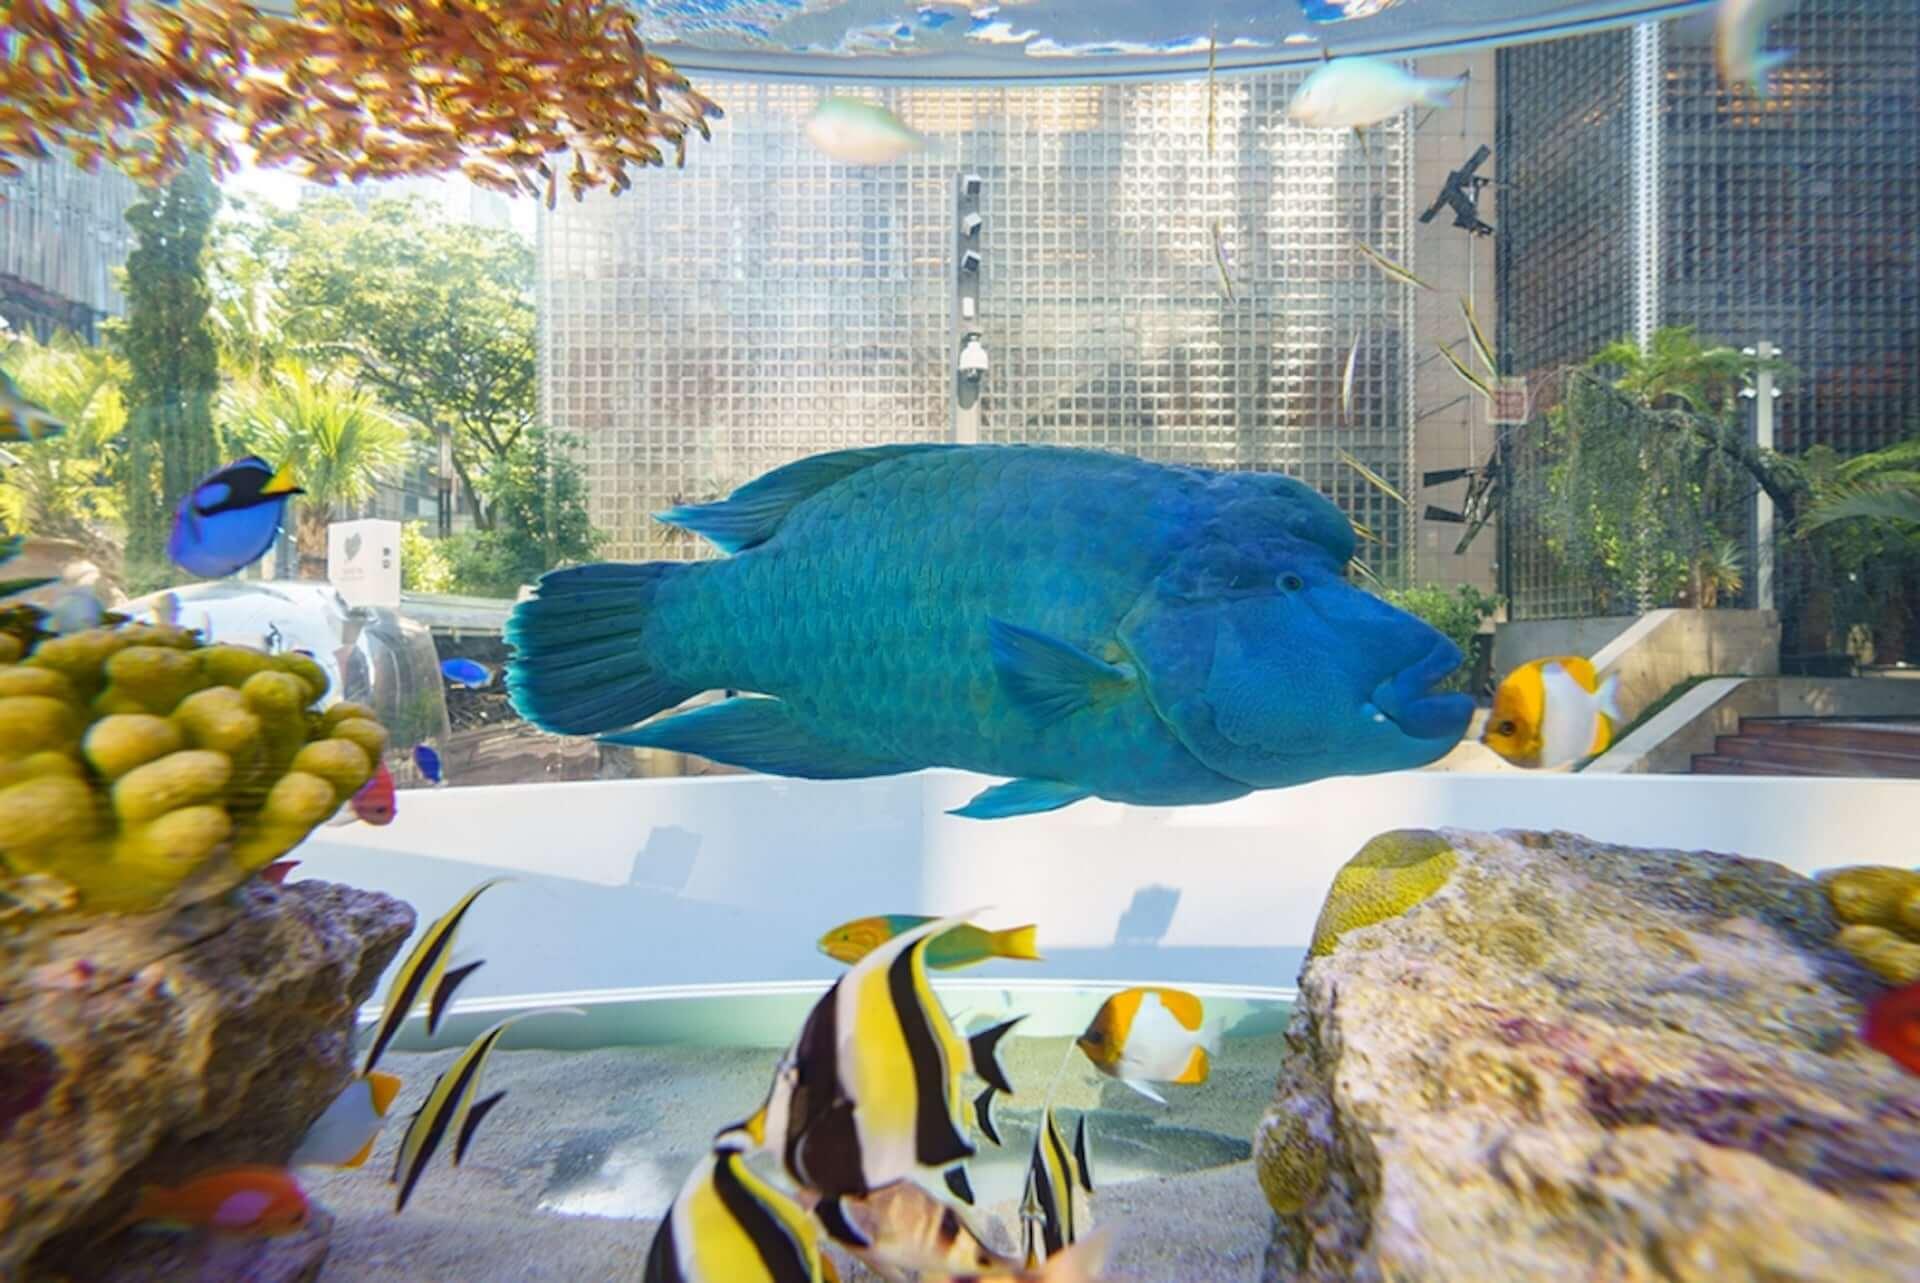 都会の中心に美ら海のお魚27種類約1,000匹が集まる!Ginza Sony Parkにて2つの新プロジェクトがスタート lifefashion190801ginza-sony-park_2-1920x1283